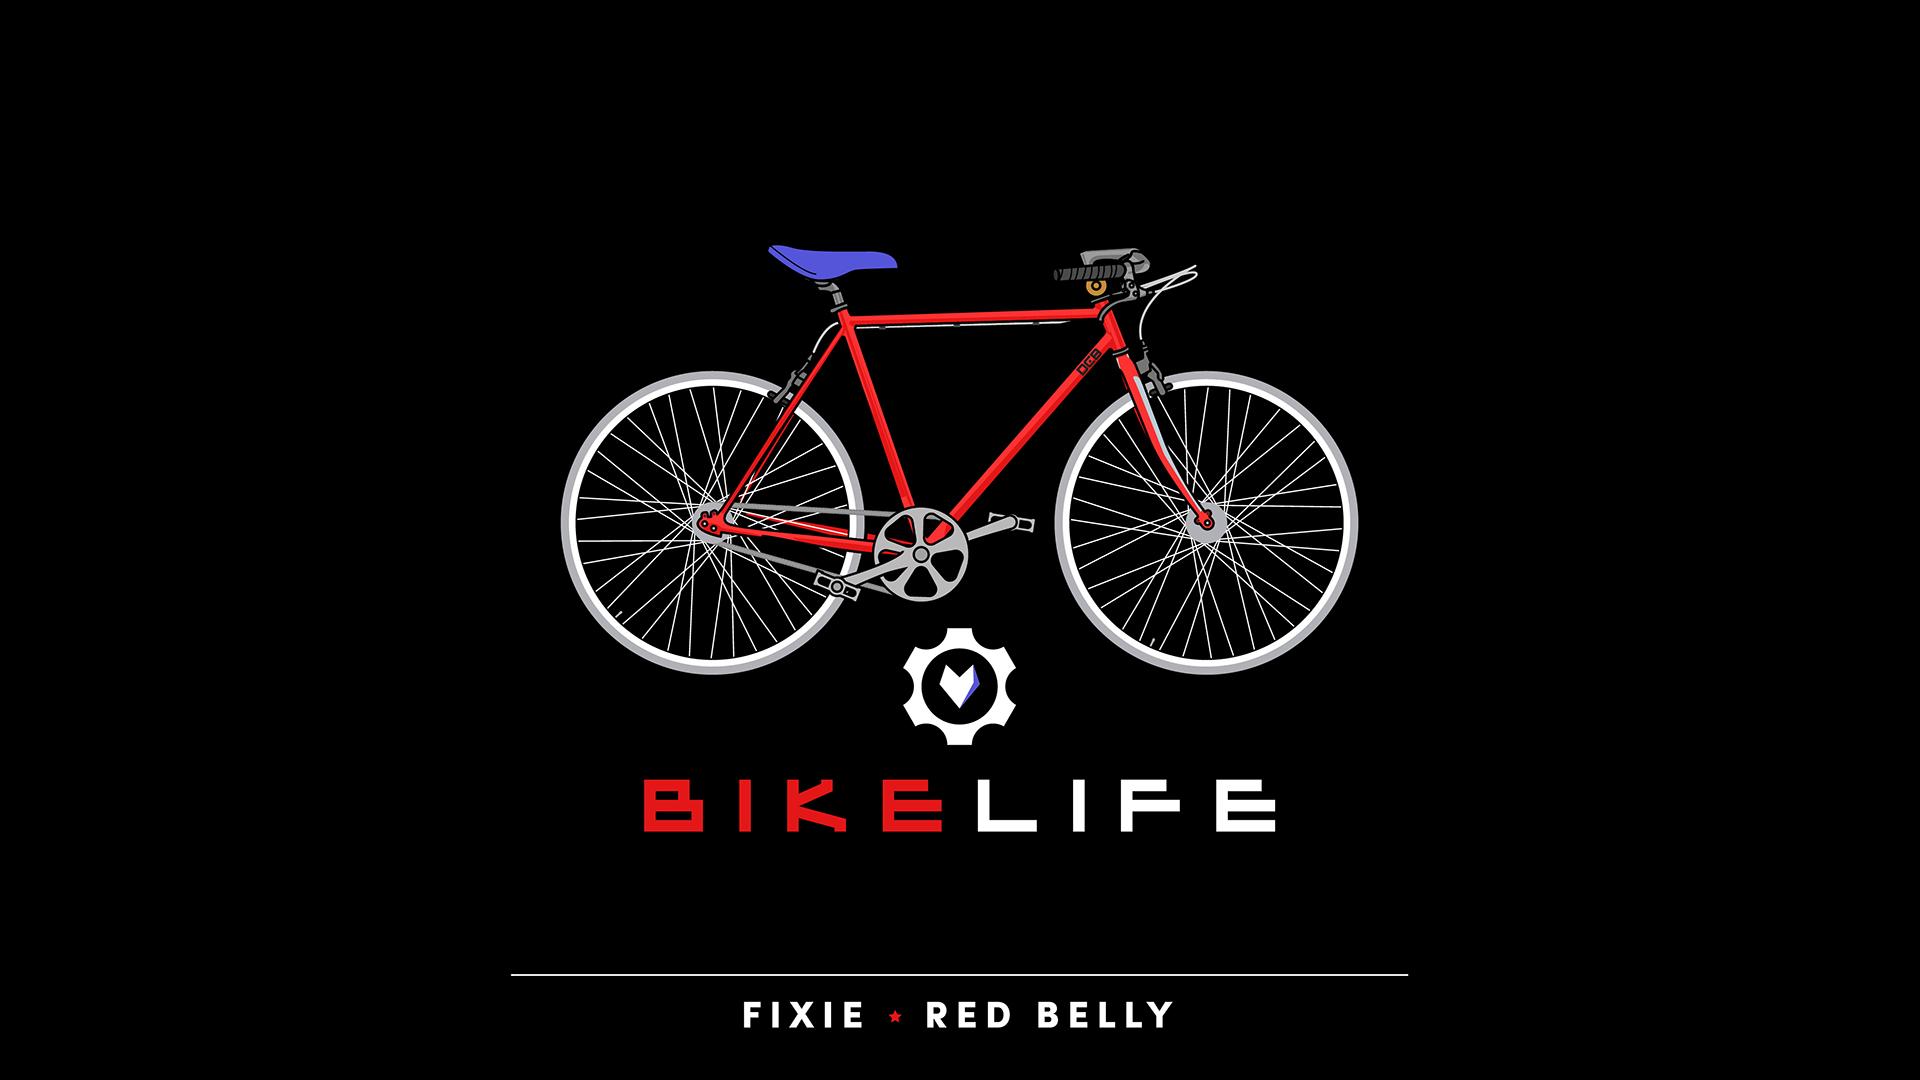 Bike Life Fixie Red Belly.jpg